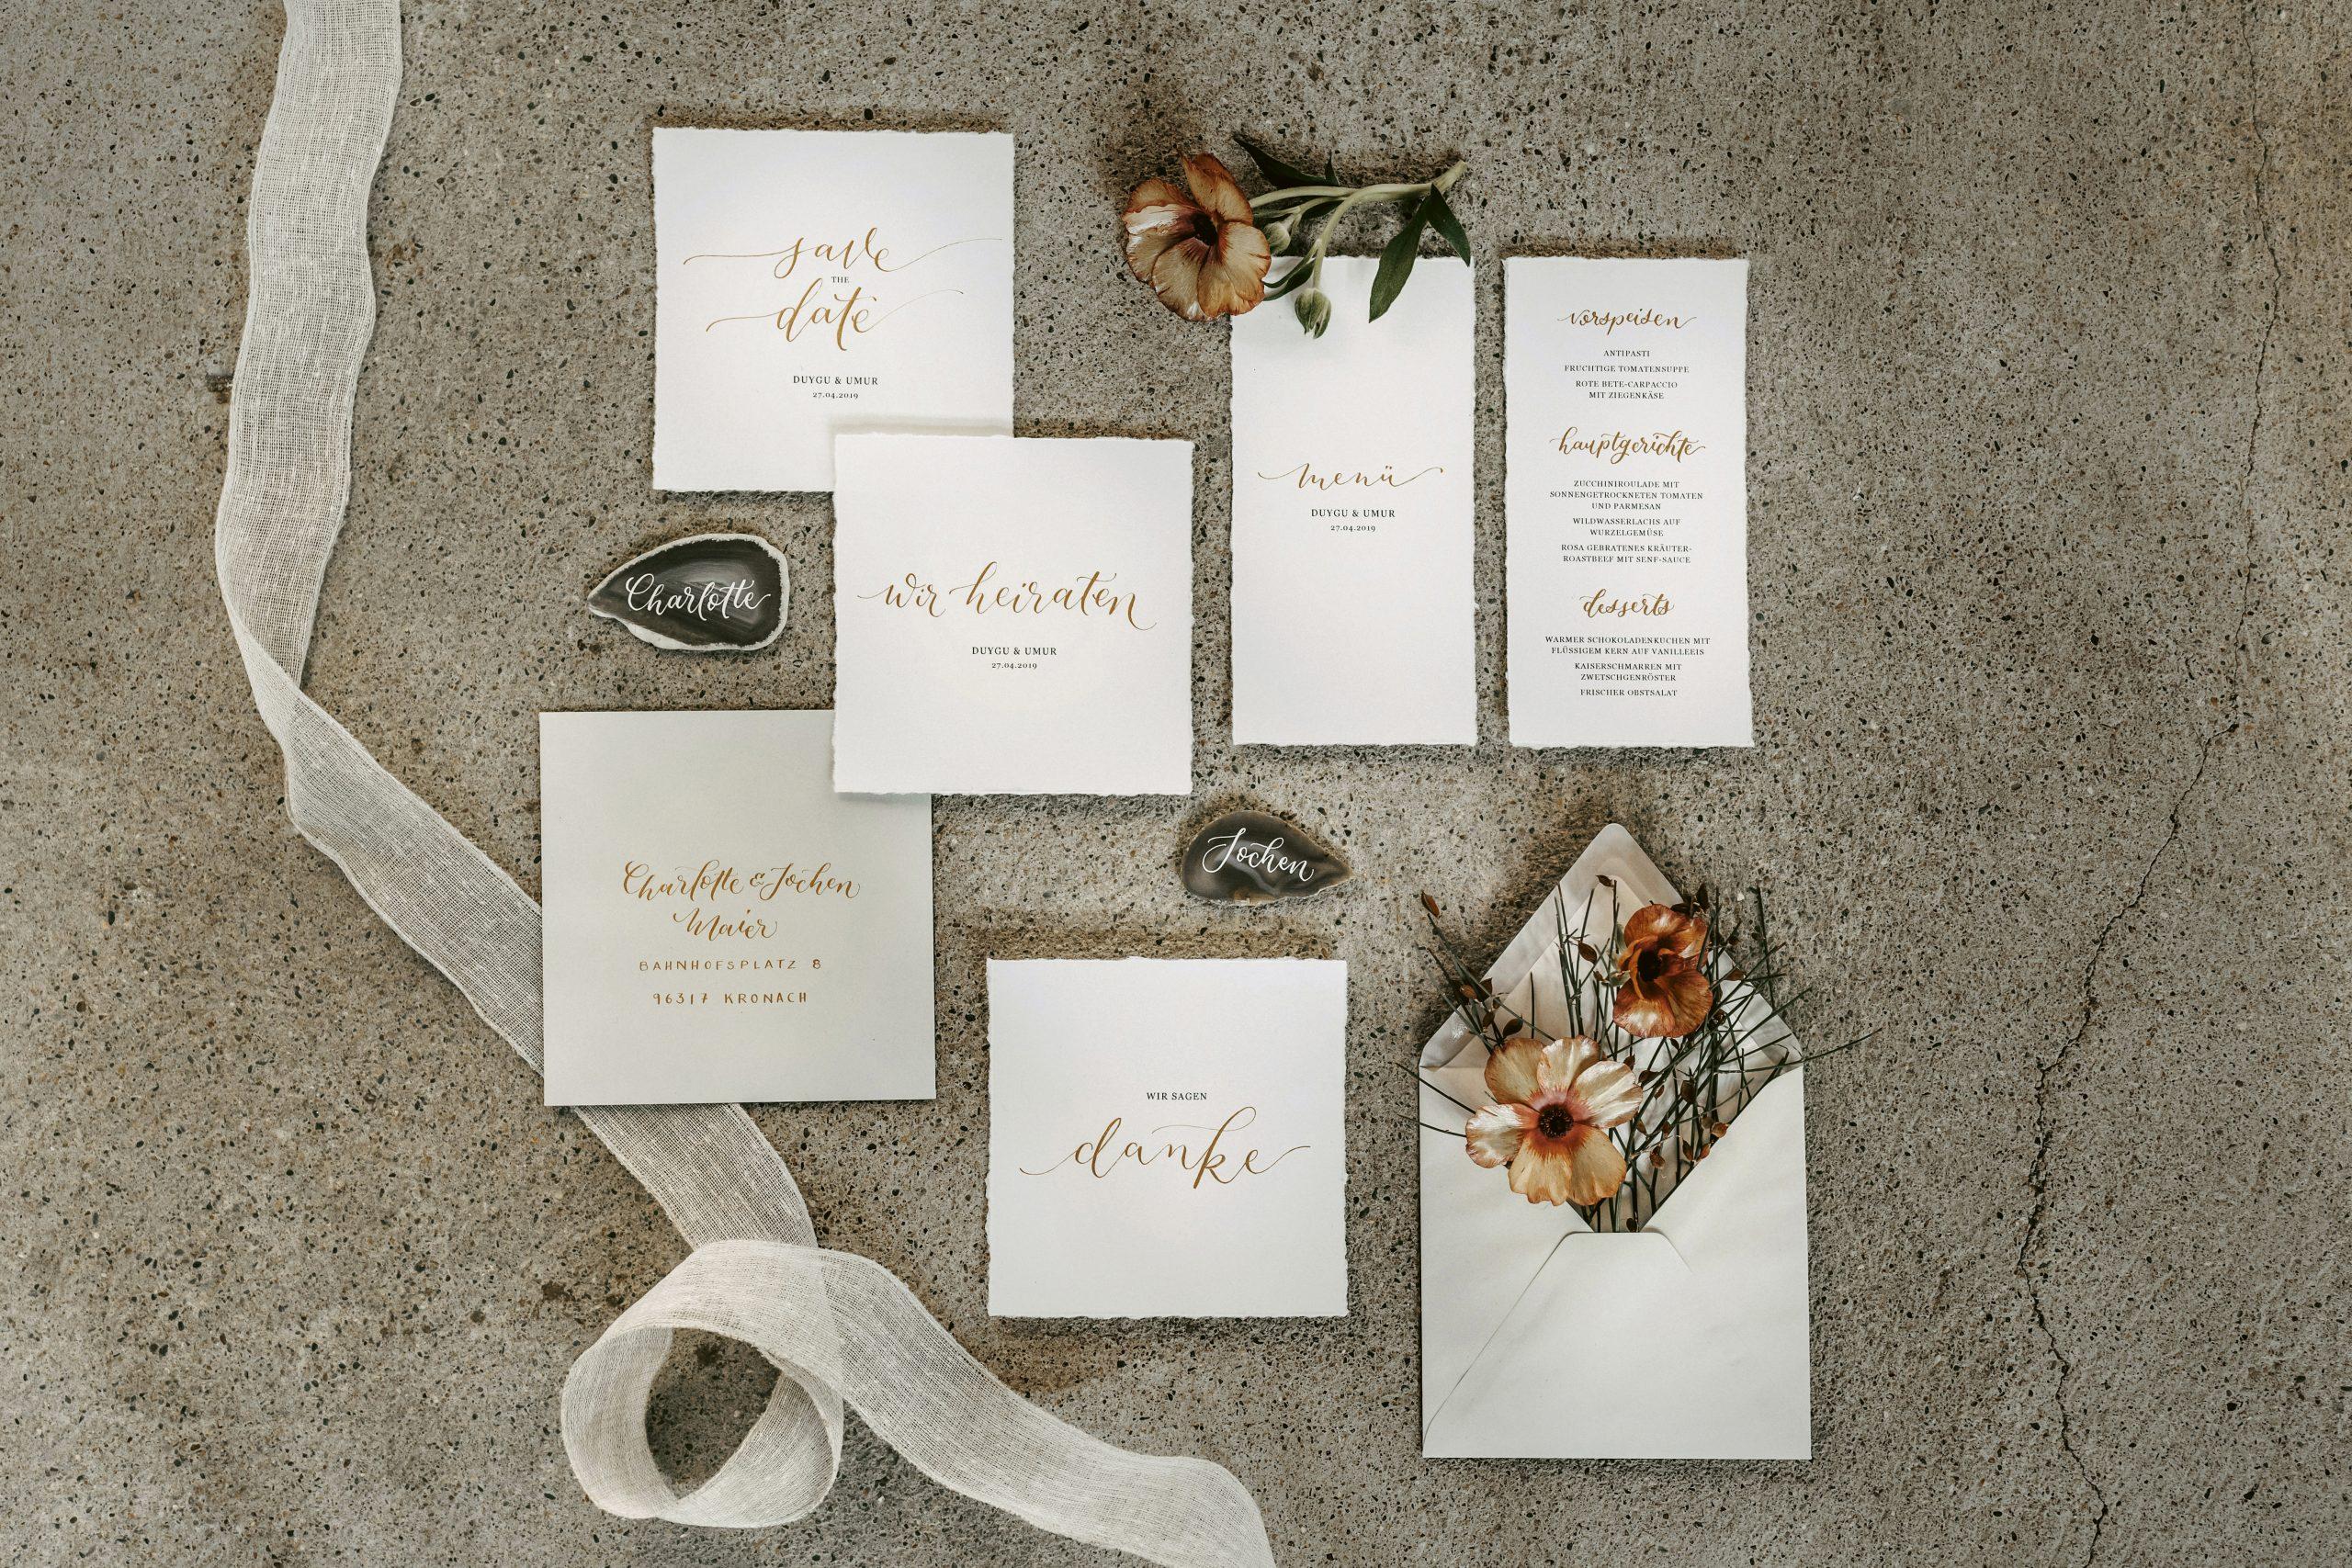 Papeterie mit Handlettering für eure exotische Hochzeitsinspiration